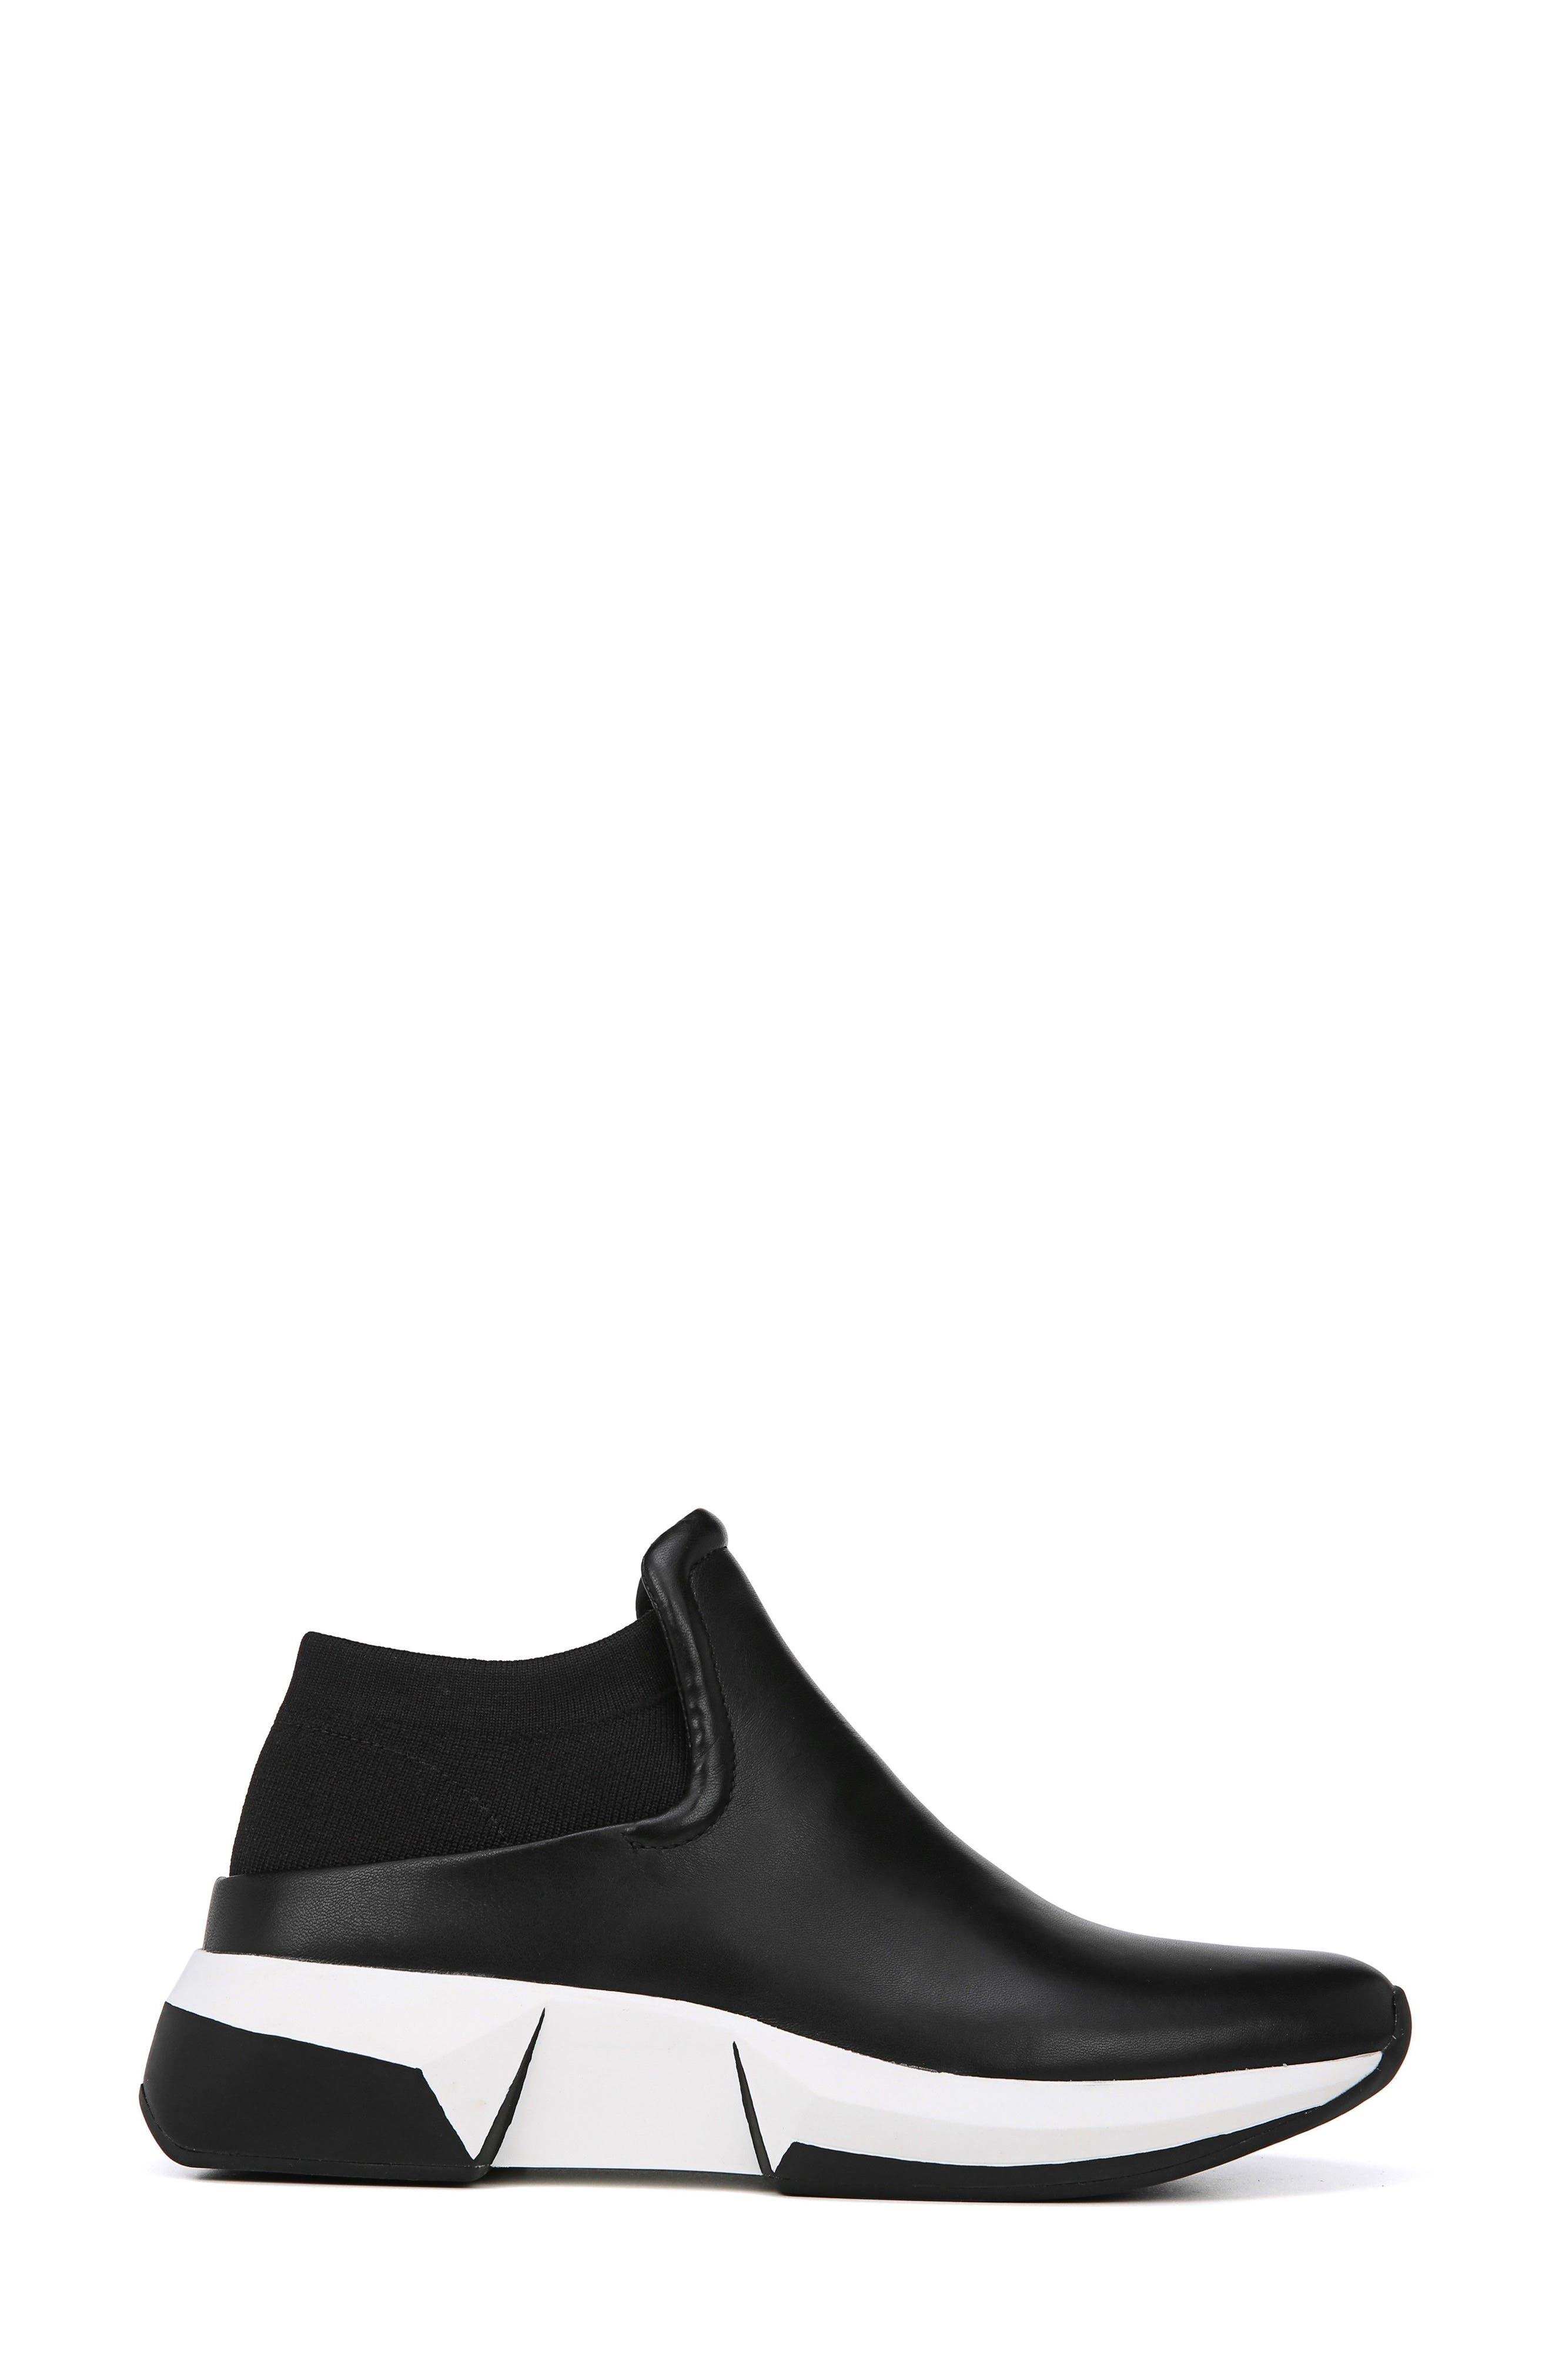 Veila Slip-On Sneaker,                             Alternate thumbnail 3, color,                             Black Leather